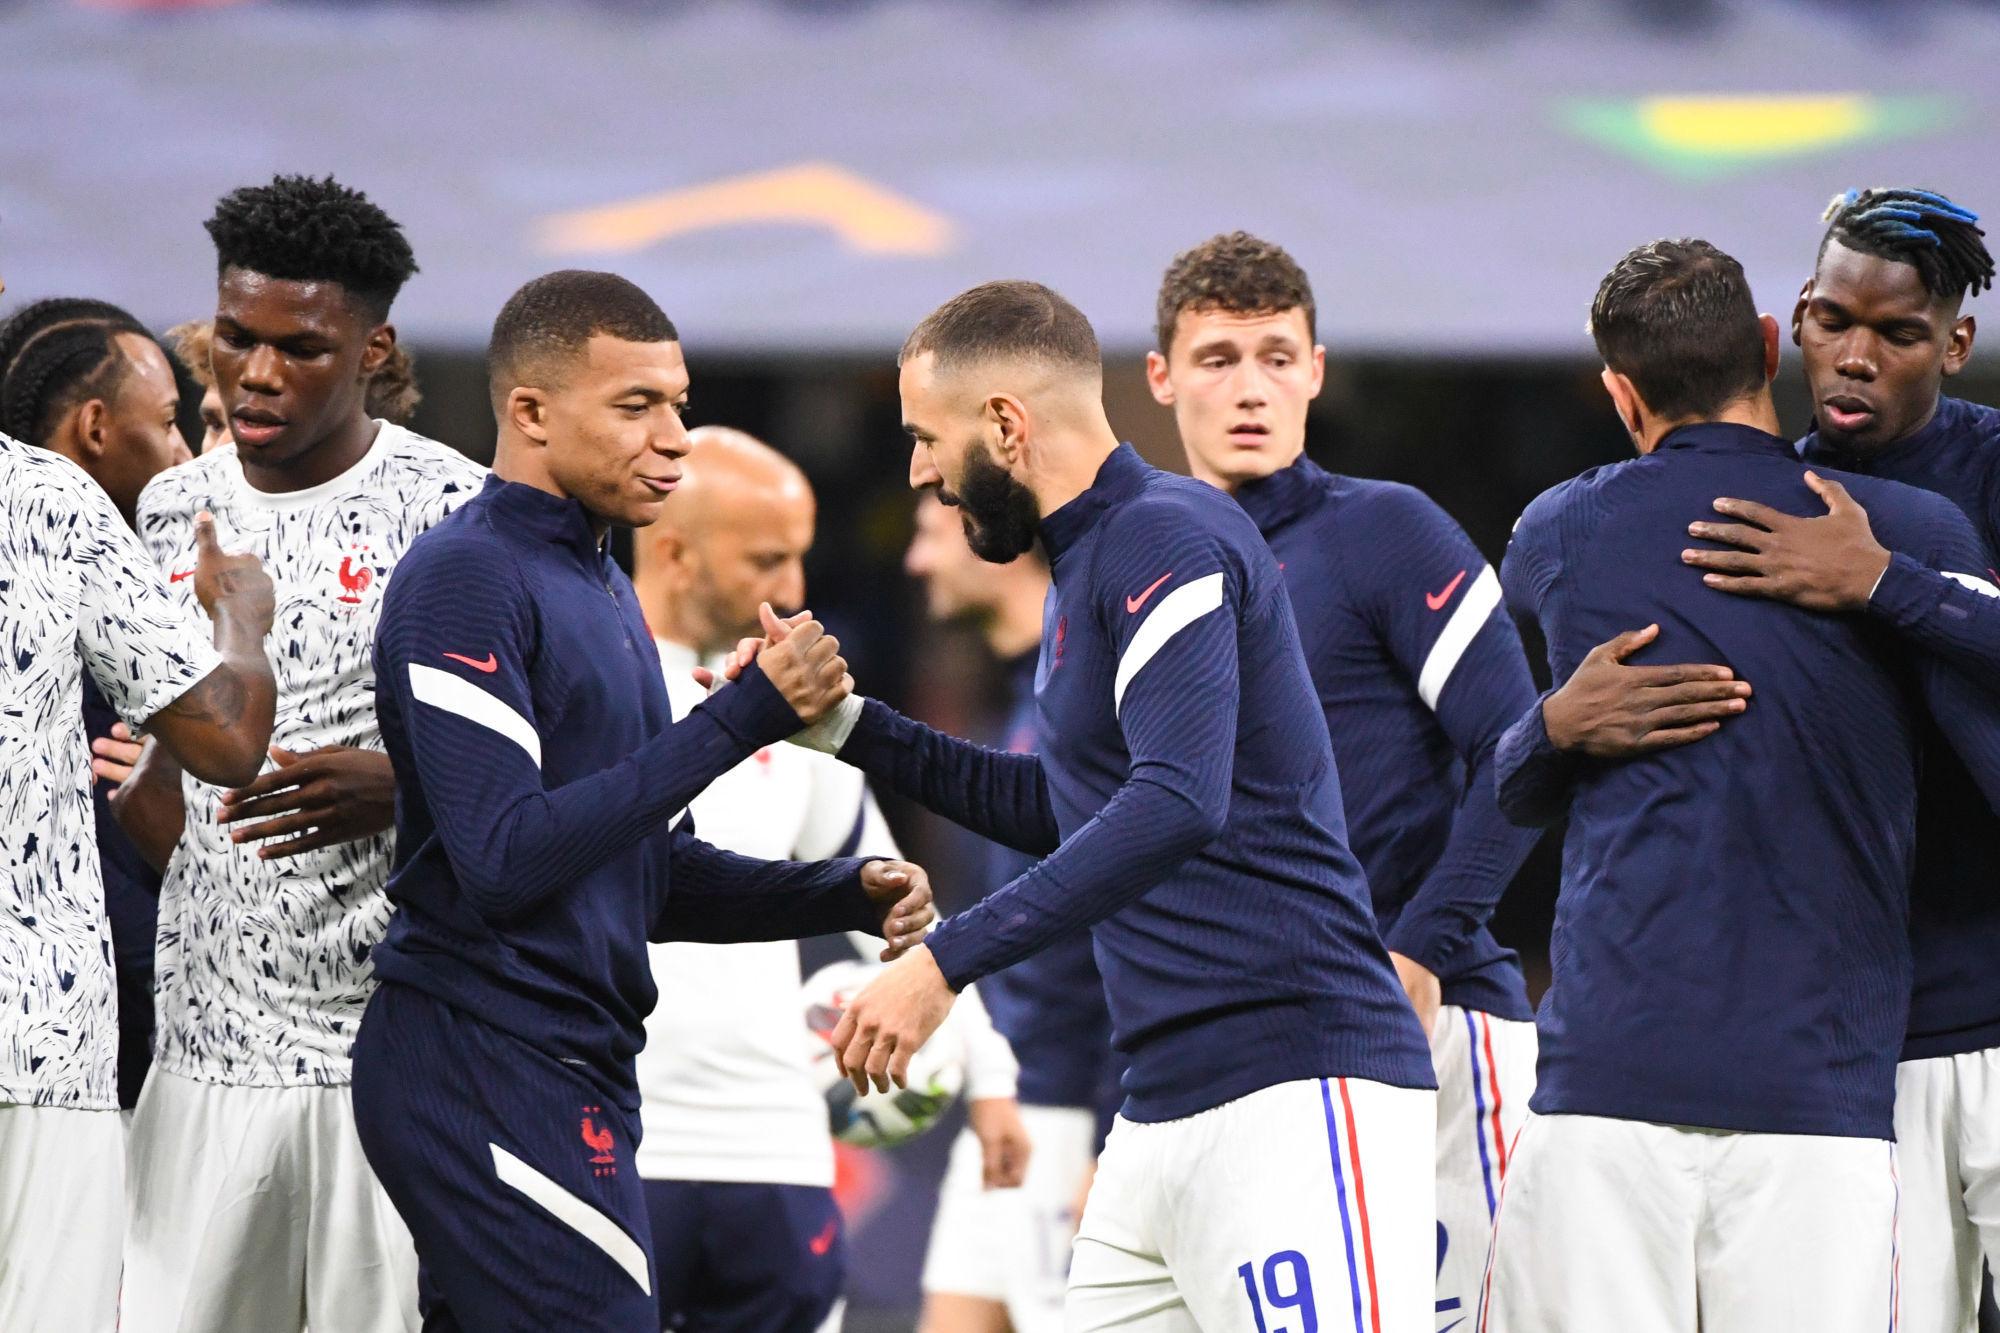 Espagne/France - Les notes des Bleus dans la presse : Benzema homme du match